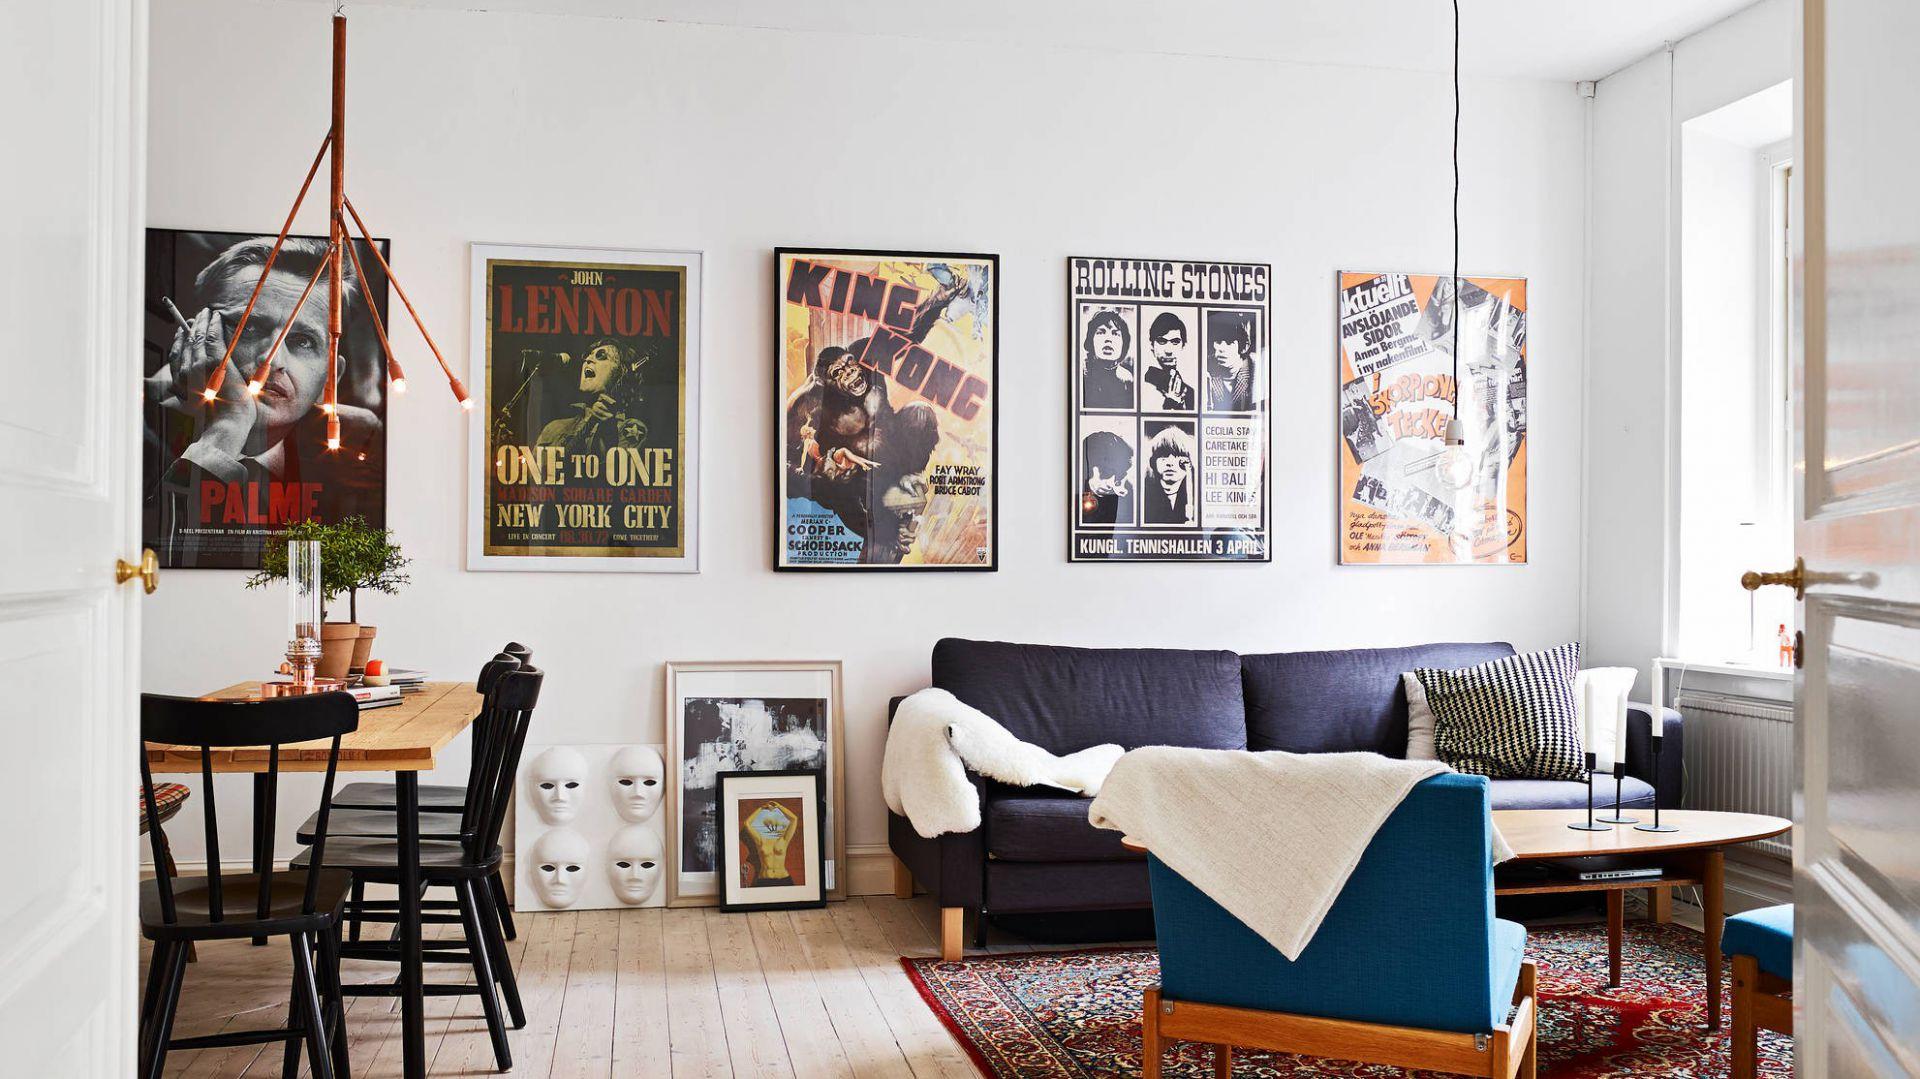 Pokój dzienny ozdabiają plakaty w stylu retro. Fot. Stadshem.